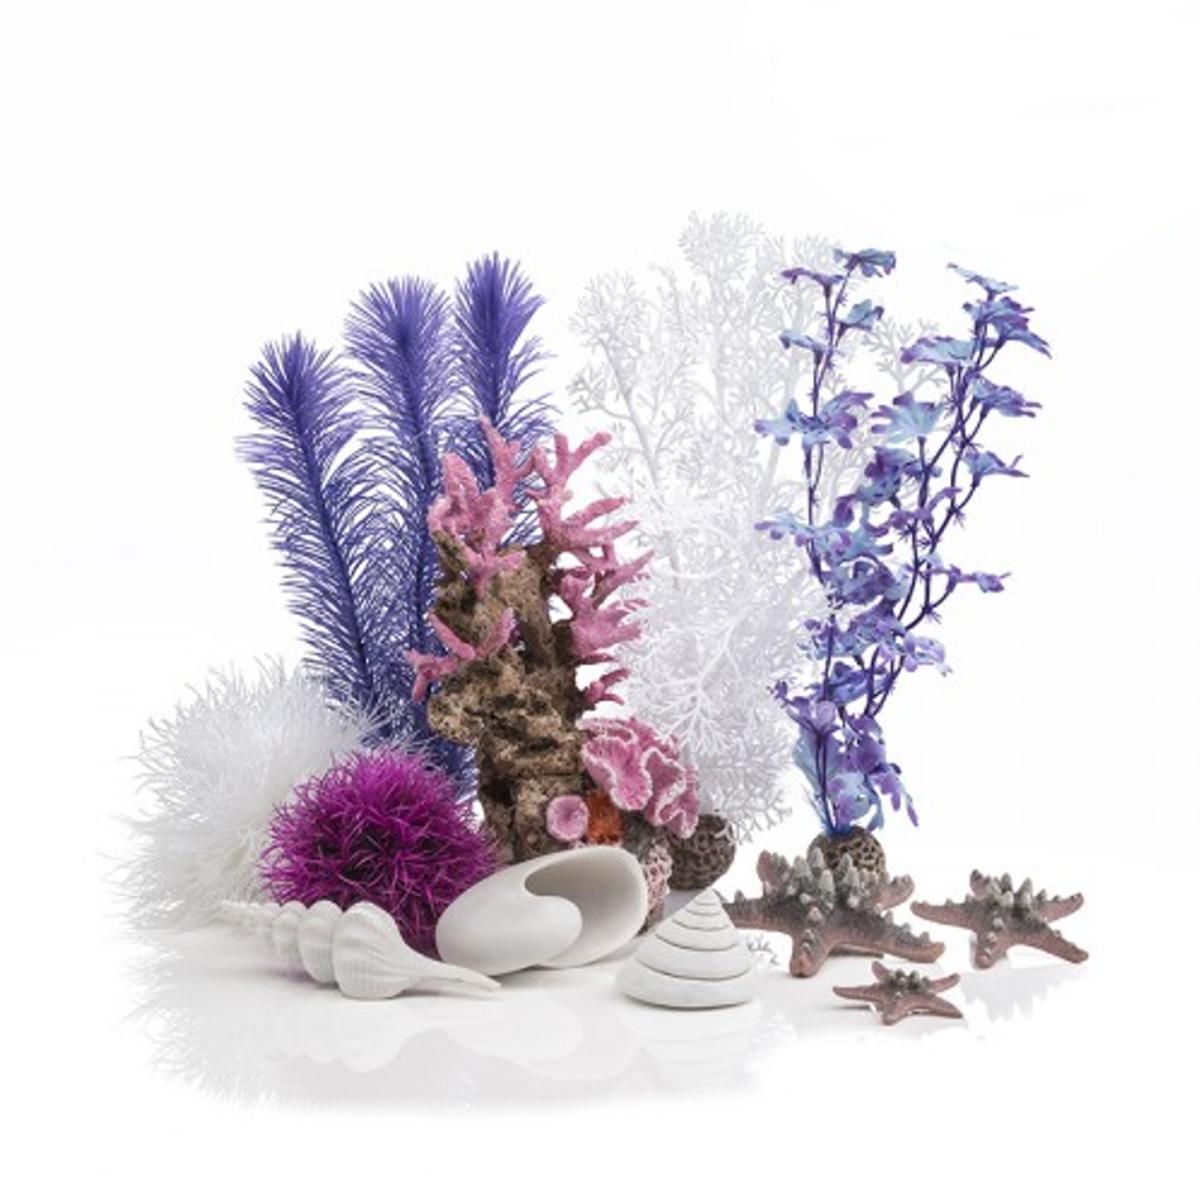 Oase biorb complete decor set kit decoration ornament for Aquarium decoration kits